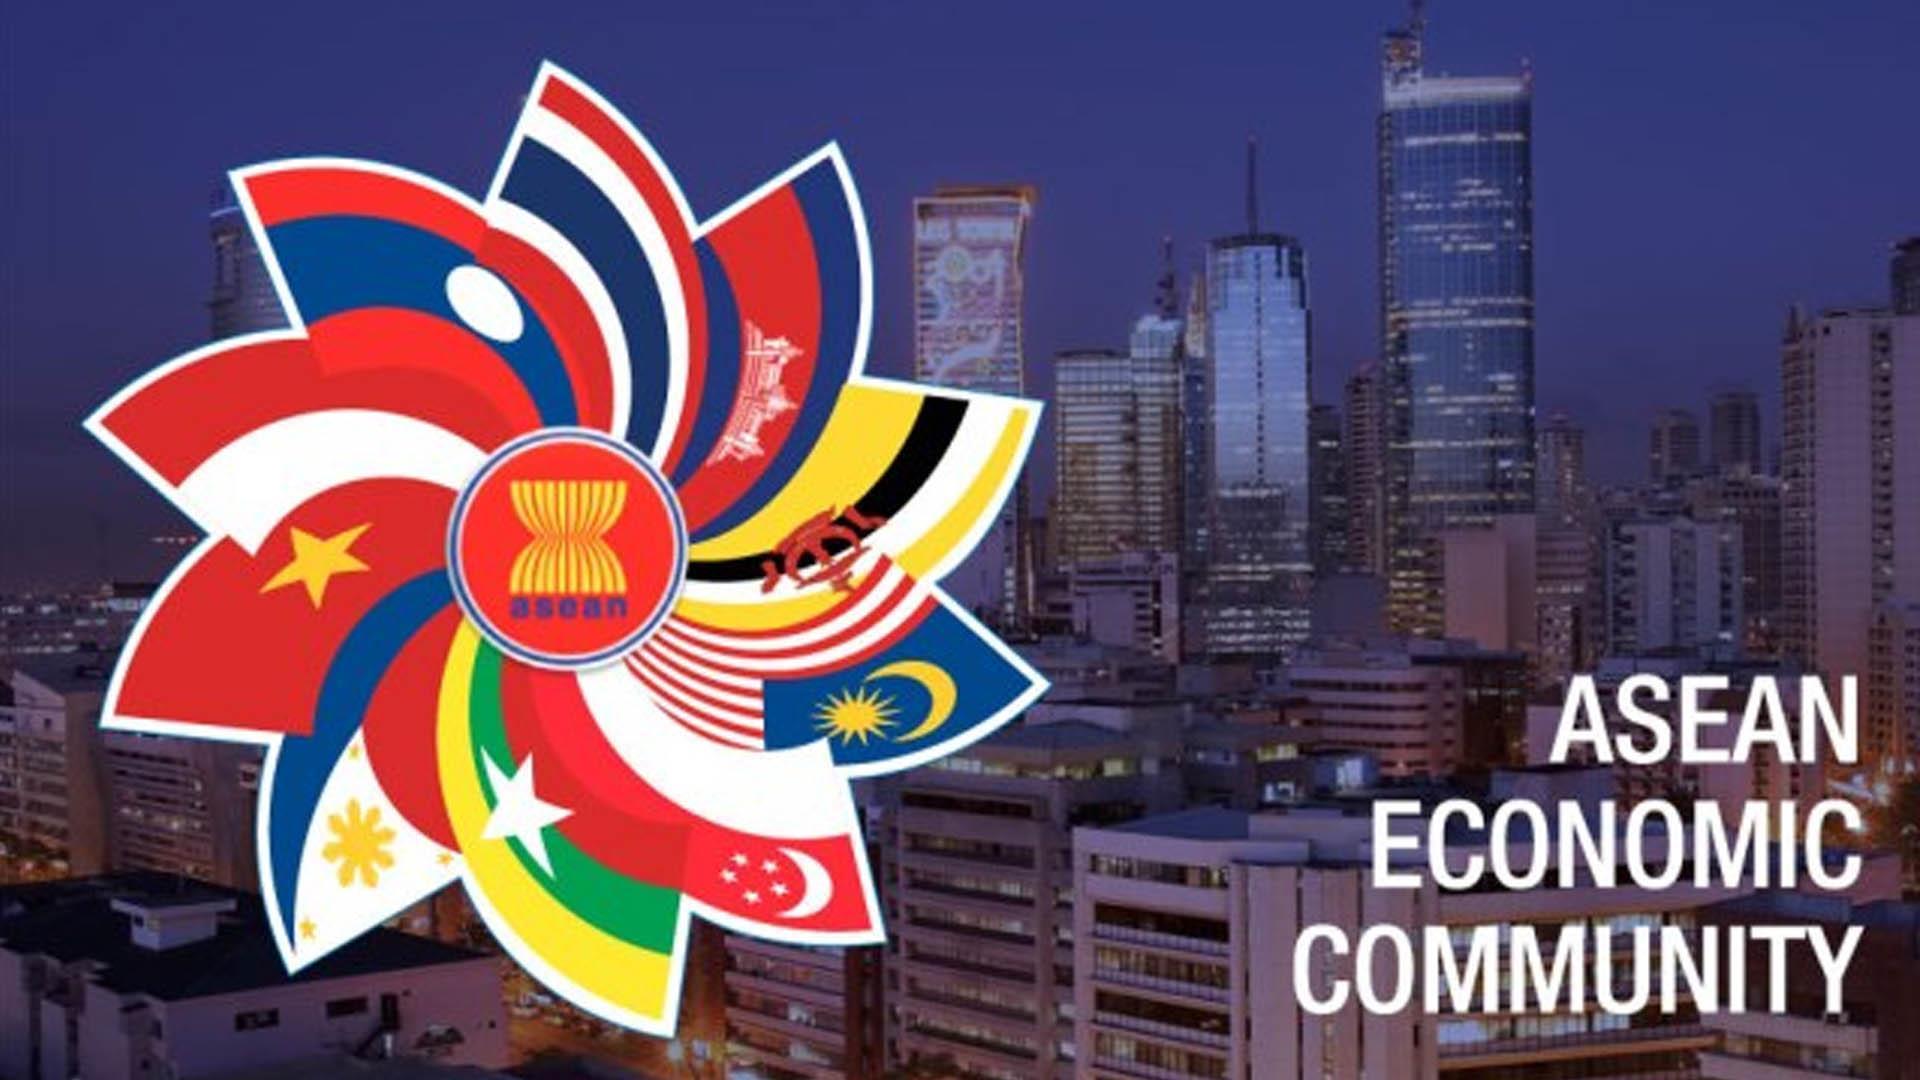 Hội nghị quan chức kinh tế cấp cao ASEAN thảo luận tạo thuận lợi cho thương mại